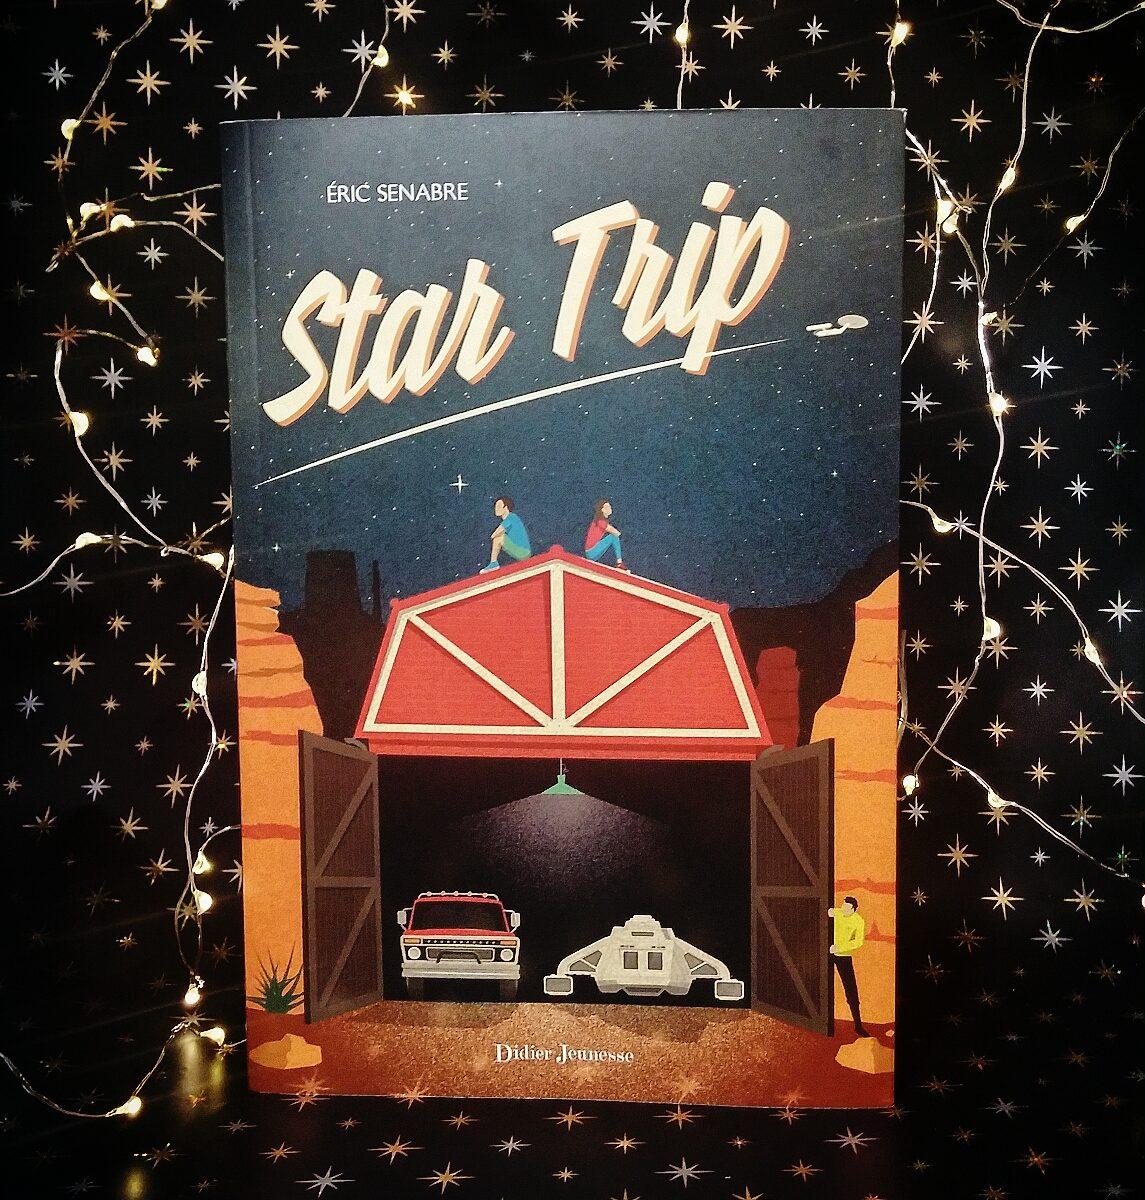 Star Trip science-fiction littérature jeunesseTrip science-fiction littérature jeunesse Eric Senabre